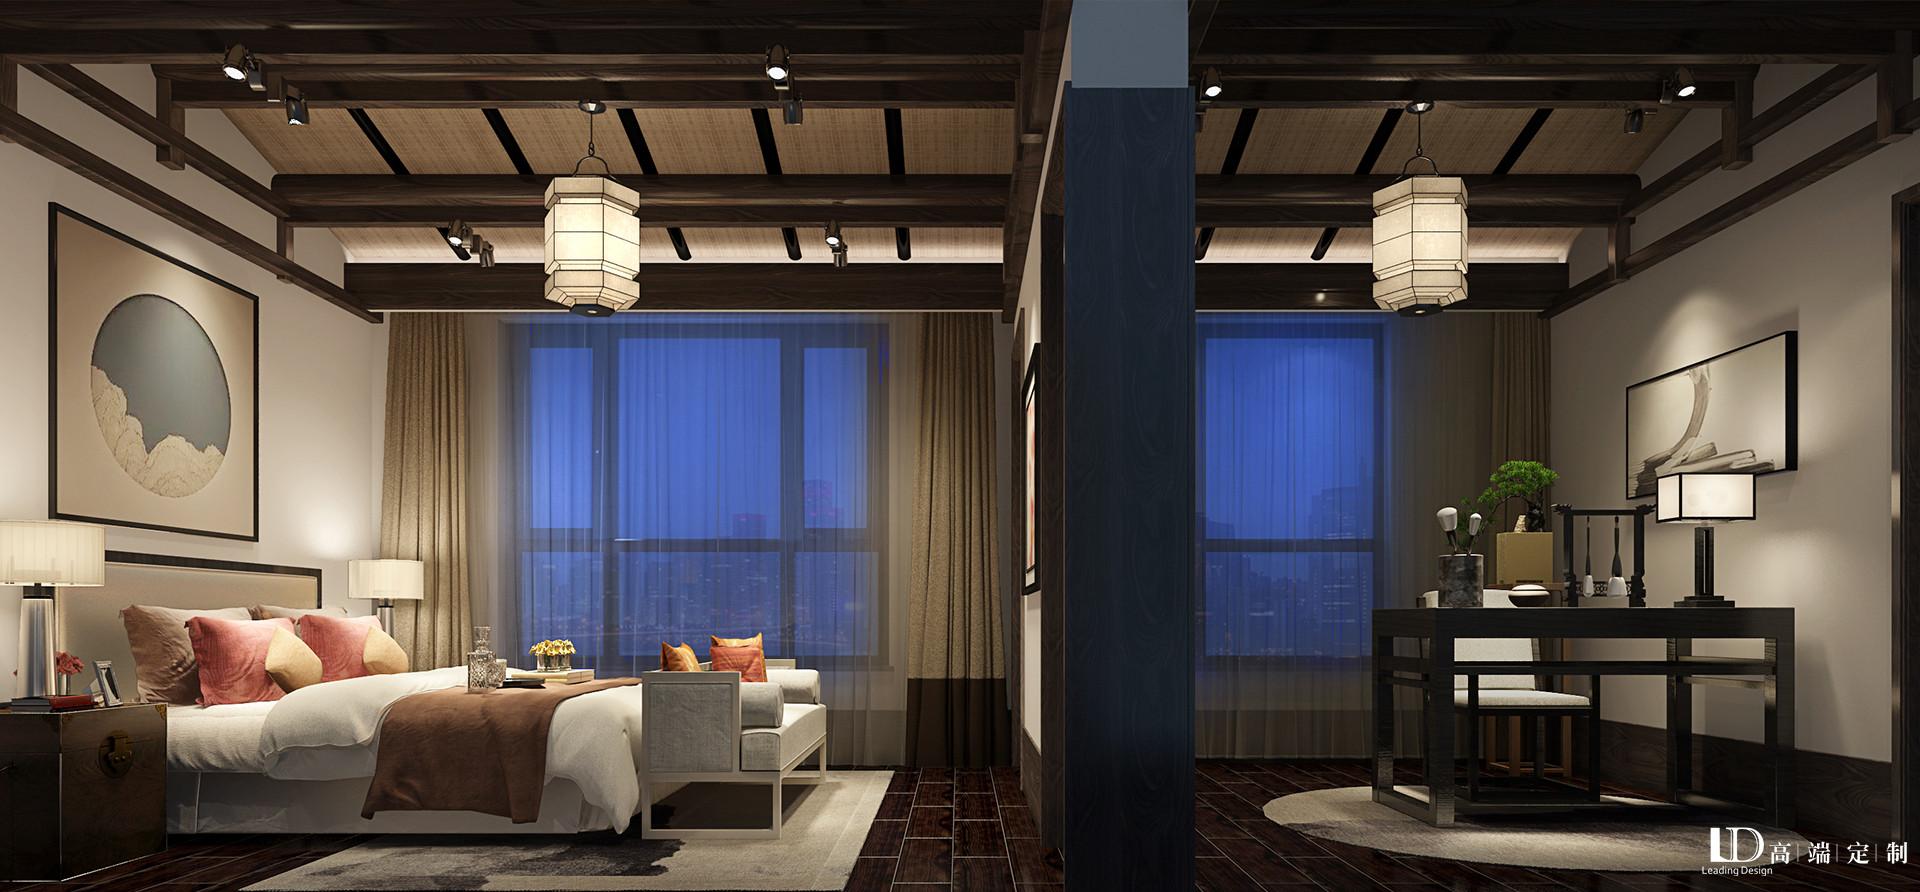 别墅 新中式 林语堂 卧室图片来自重庆兄弟装饰黄妃在南岸林语堂别墅装修设计中式效果的分享